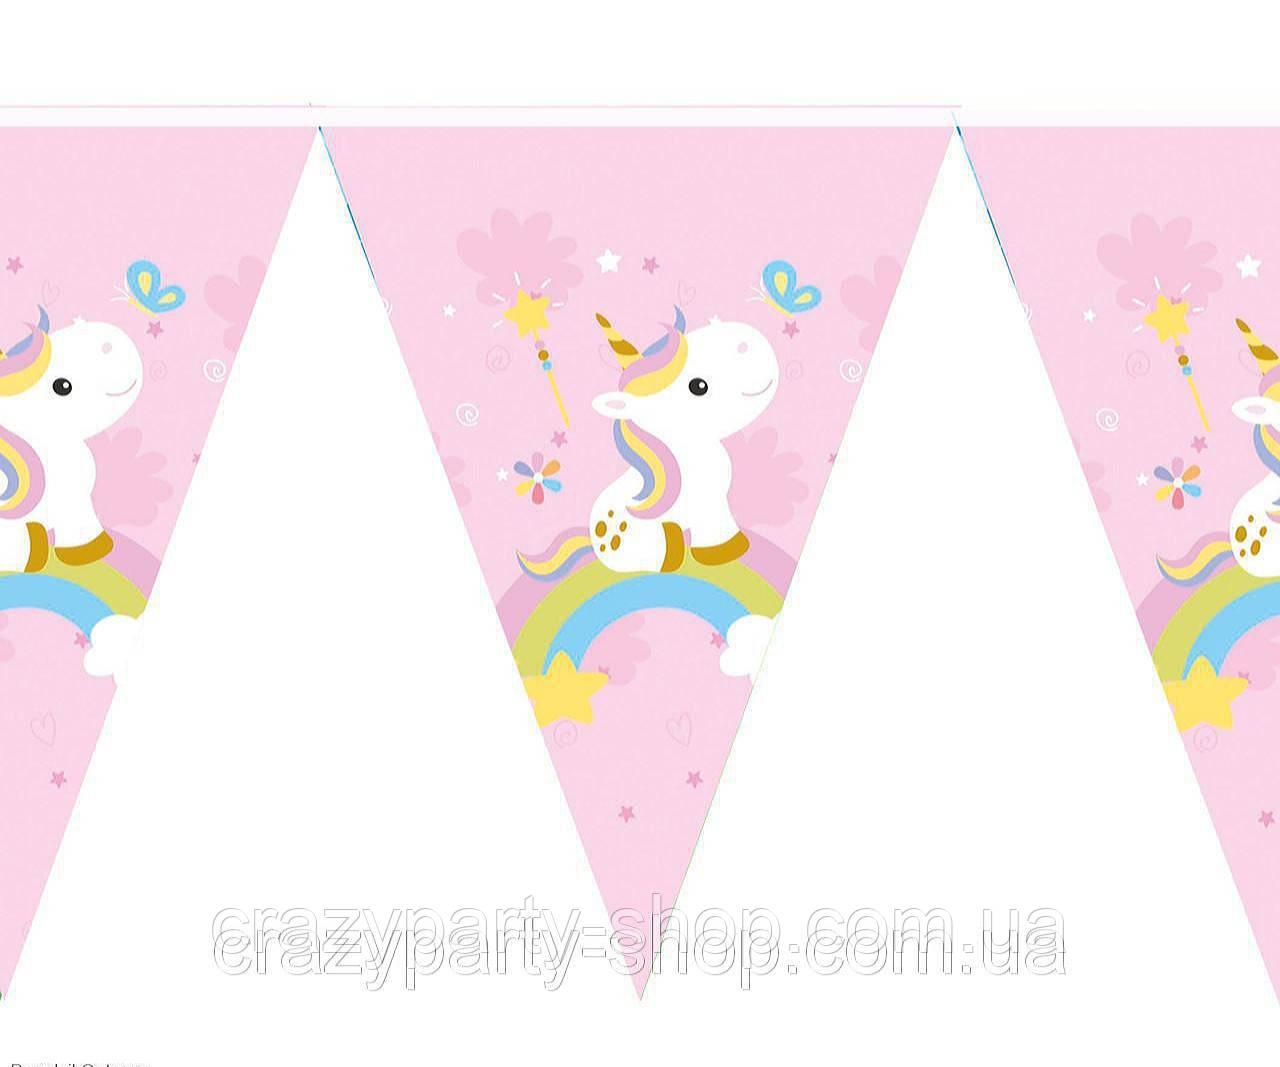 Гирлянда - флажки Радужный маленький Единорог 2м